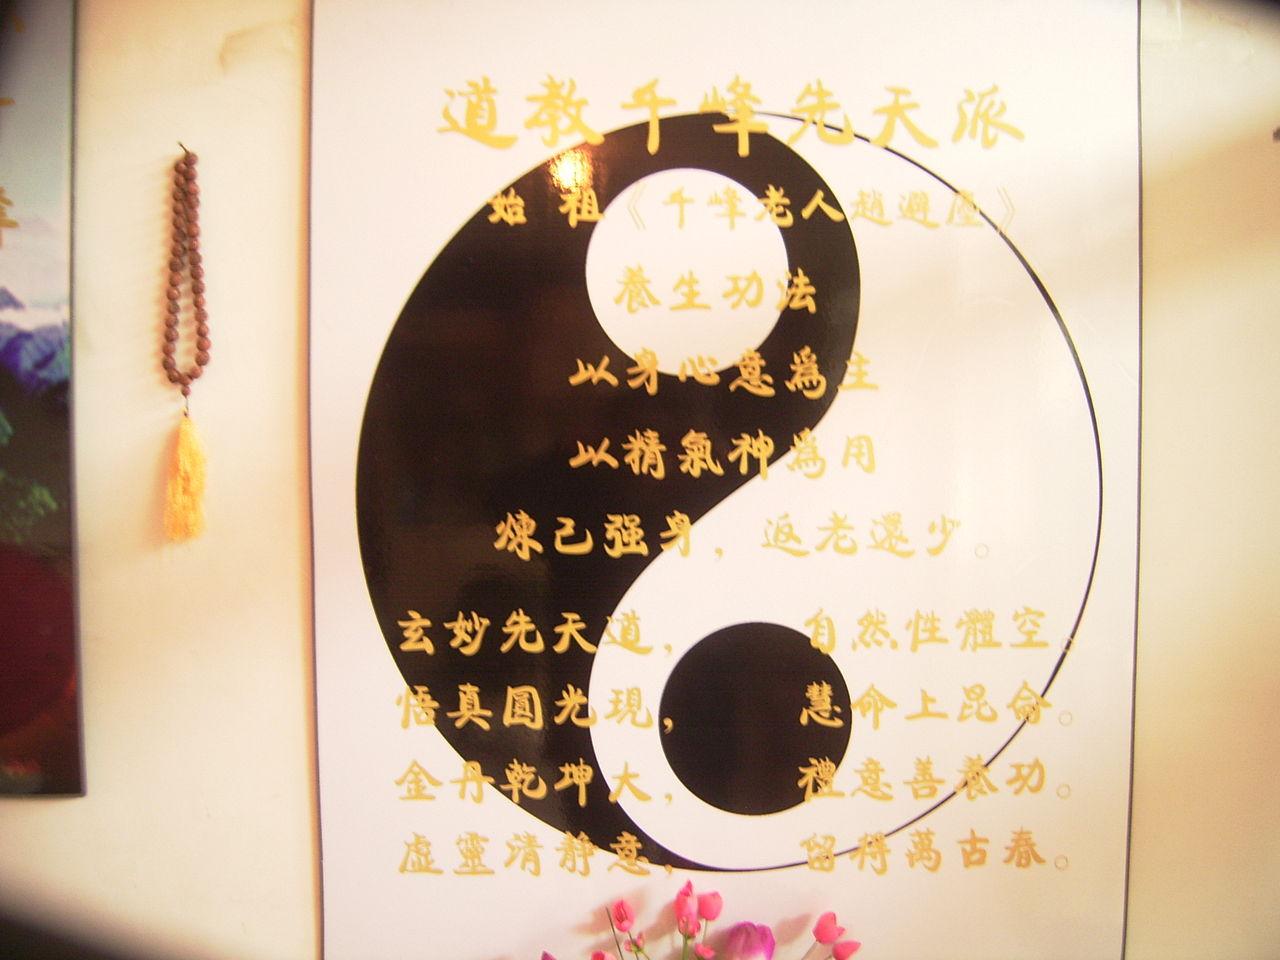 道家龙门千峰先天派祖堂 - 道教千峰先天派,道家[性命双修]第三代传 - 道教先魁子赵明旺养生